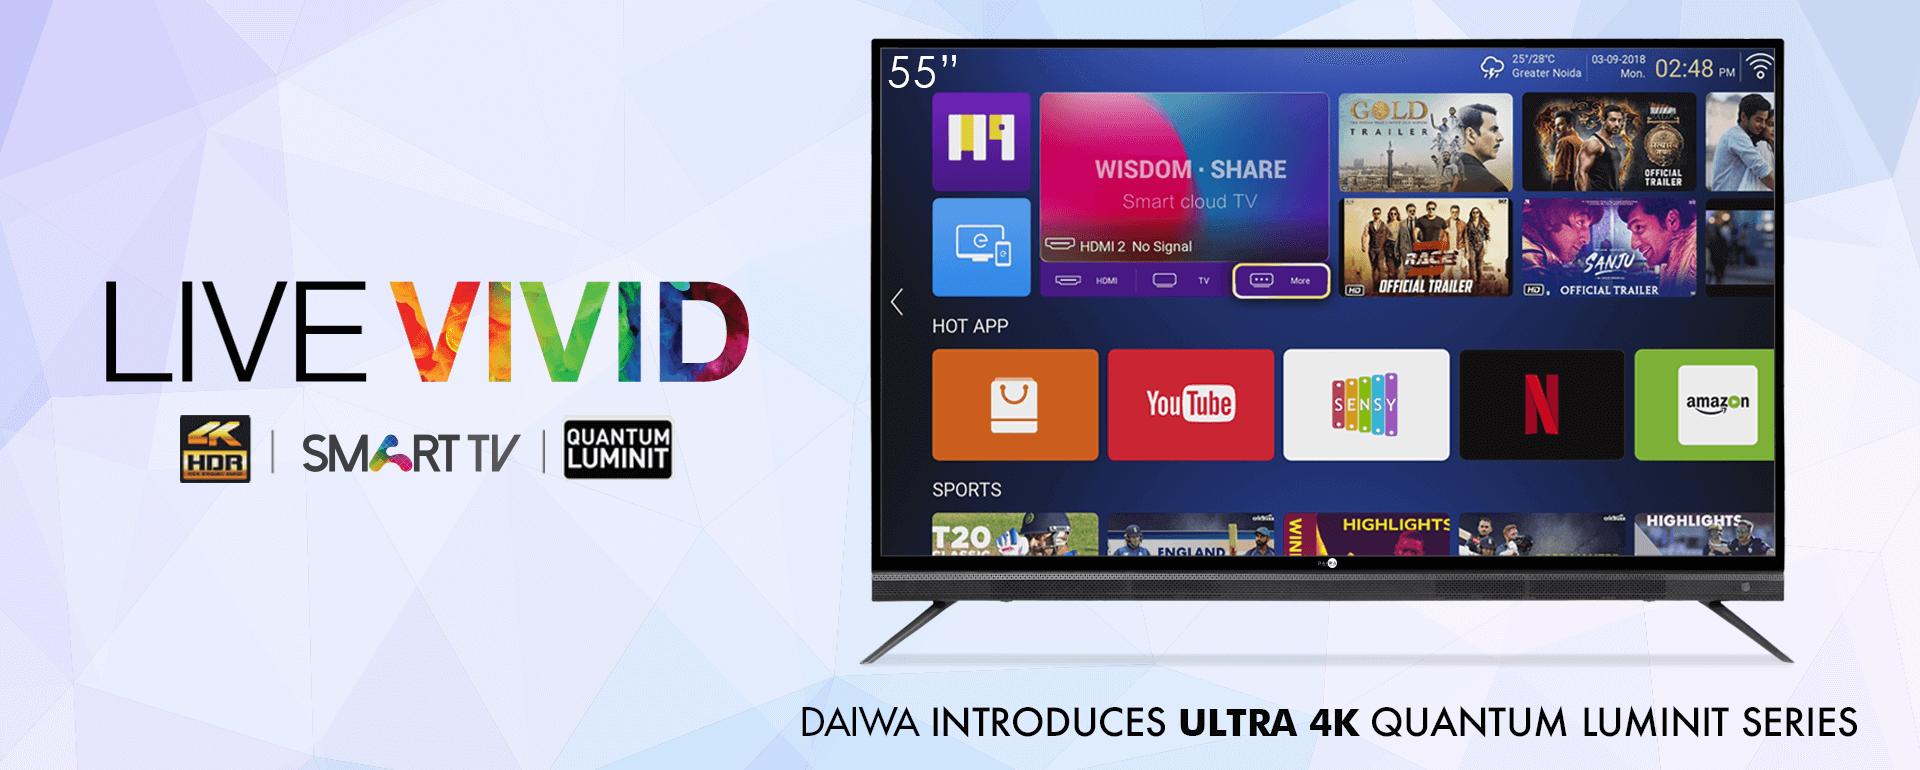 9834fac9d 4K UHD Smart LED TV